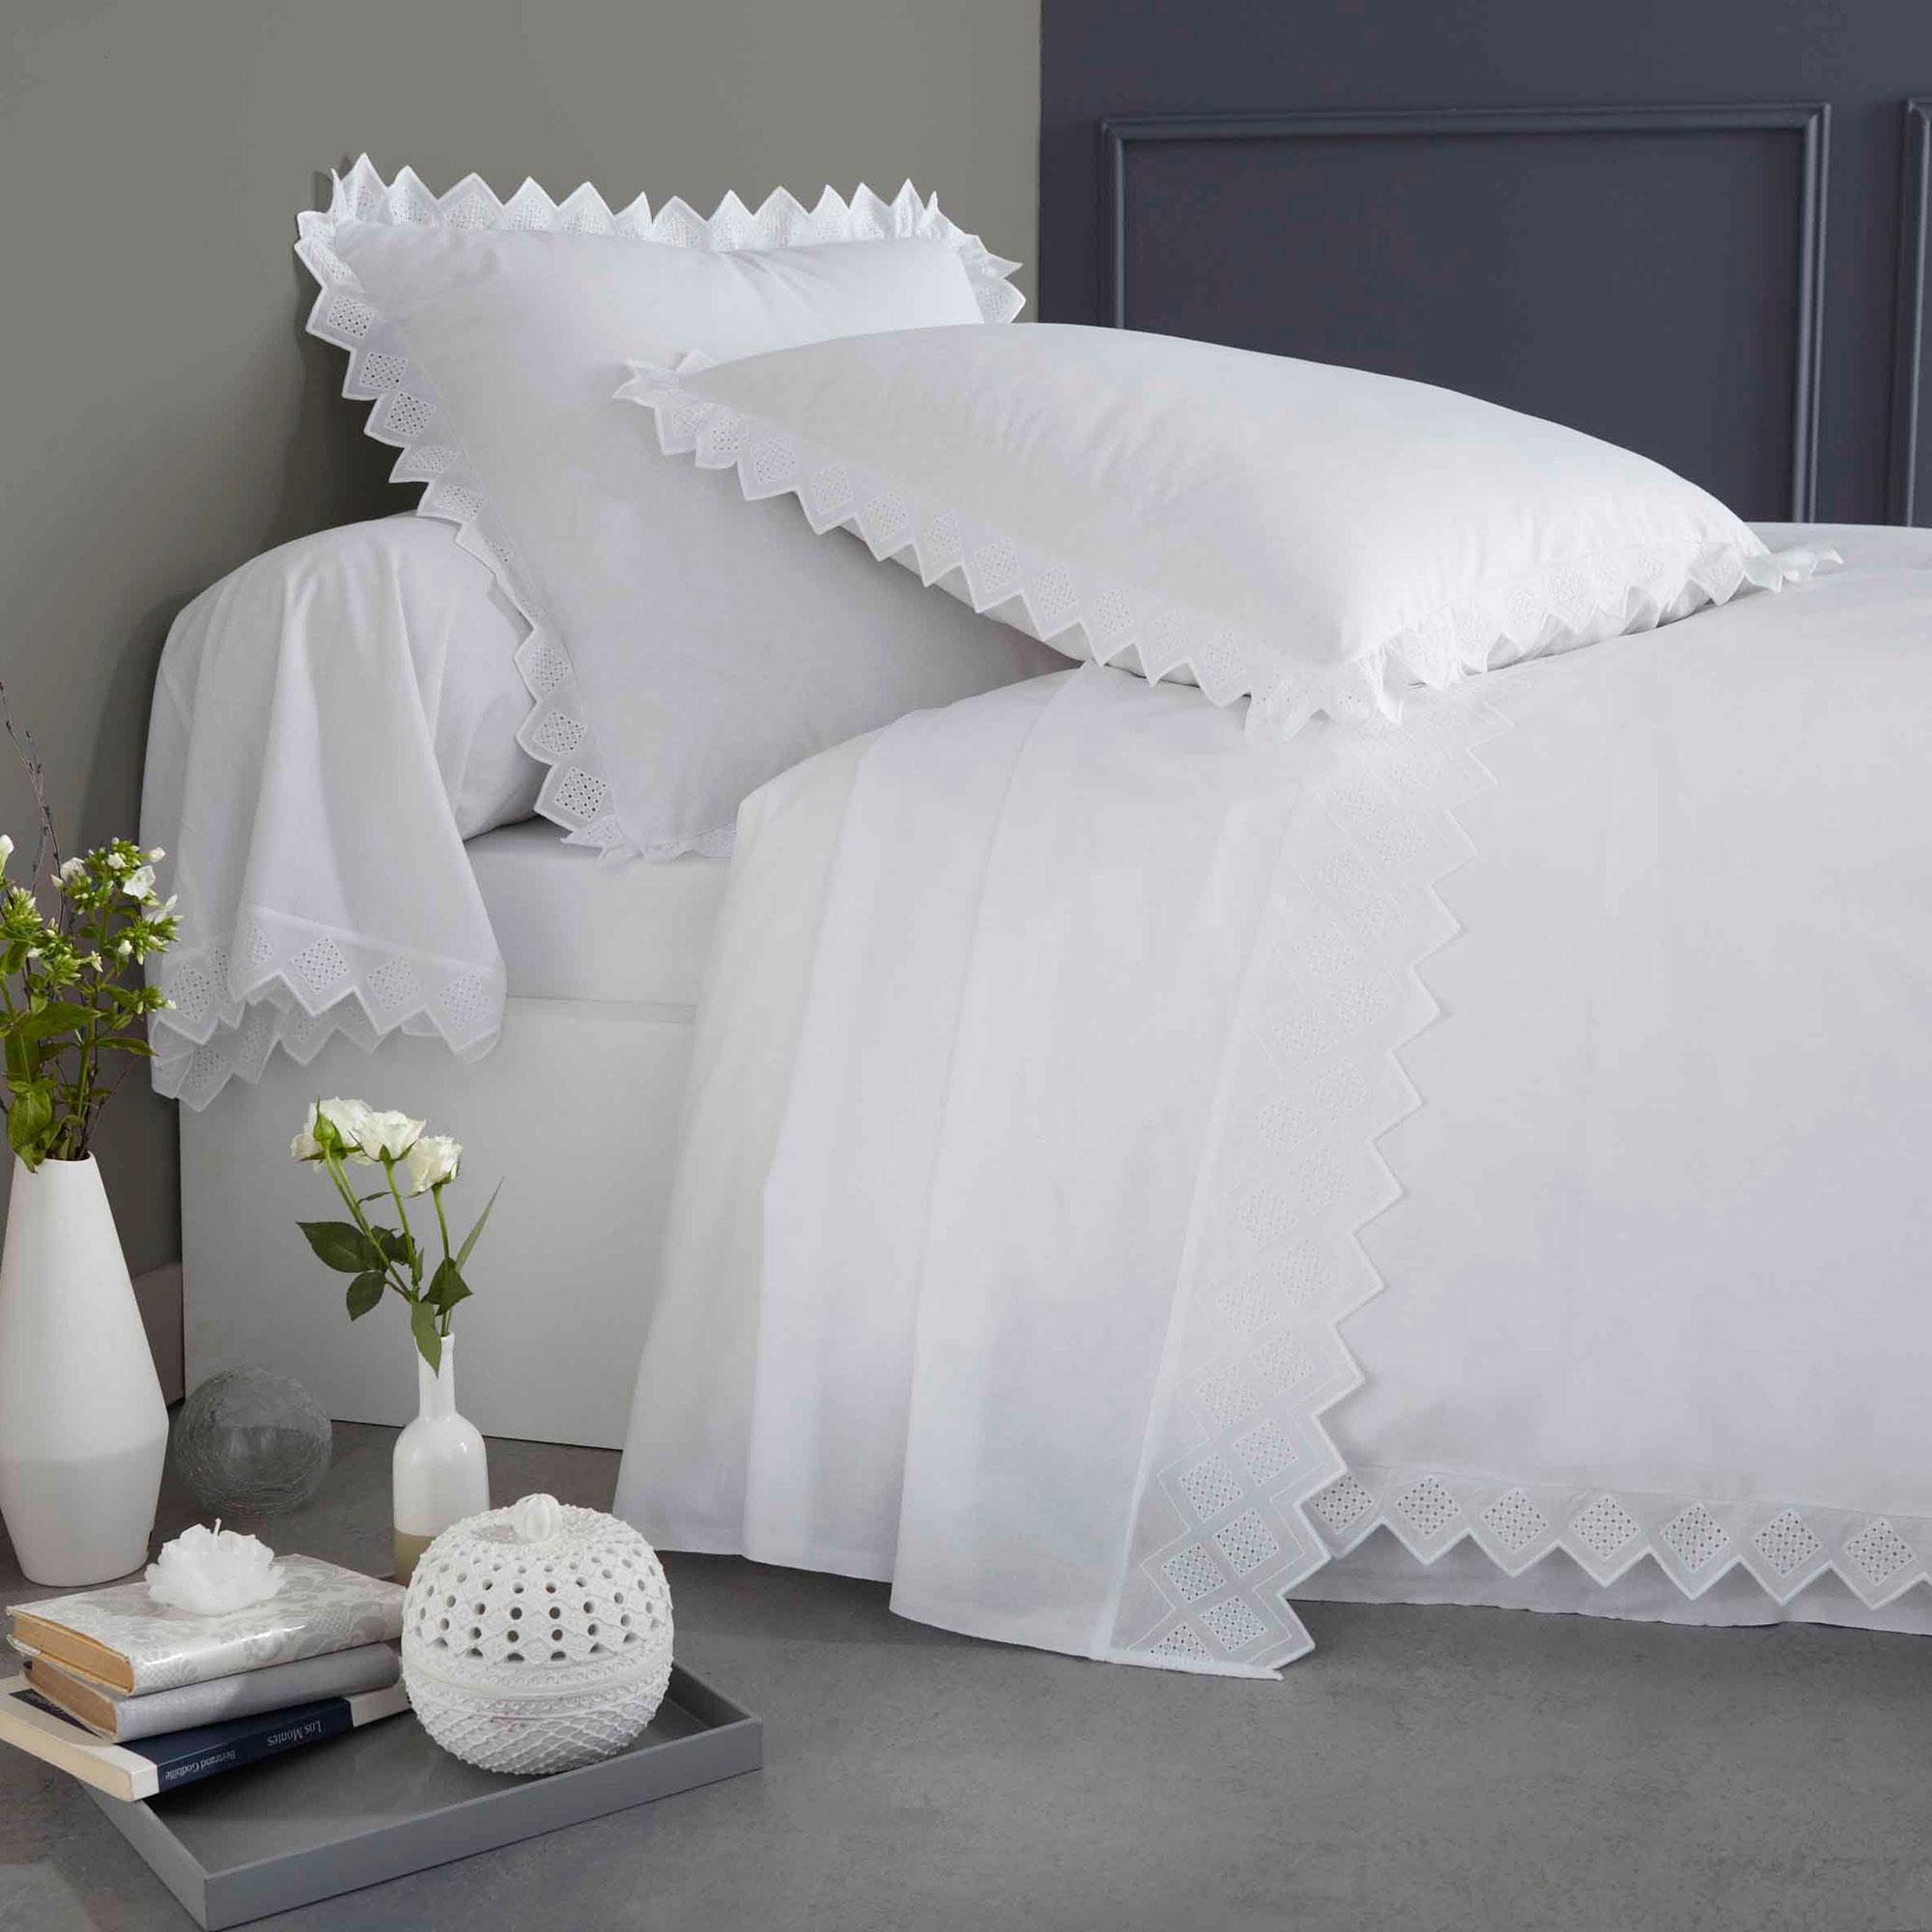 Housse de couette brodée en coton blanc 200x200